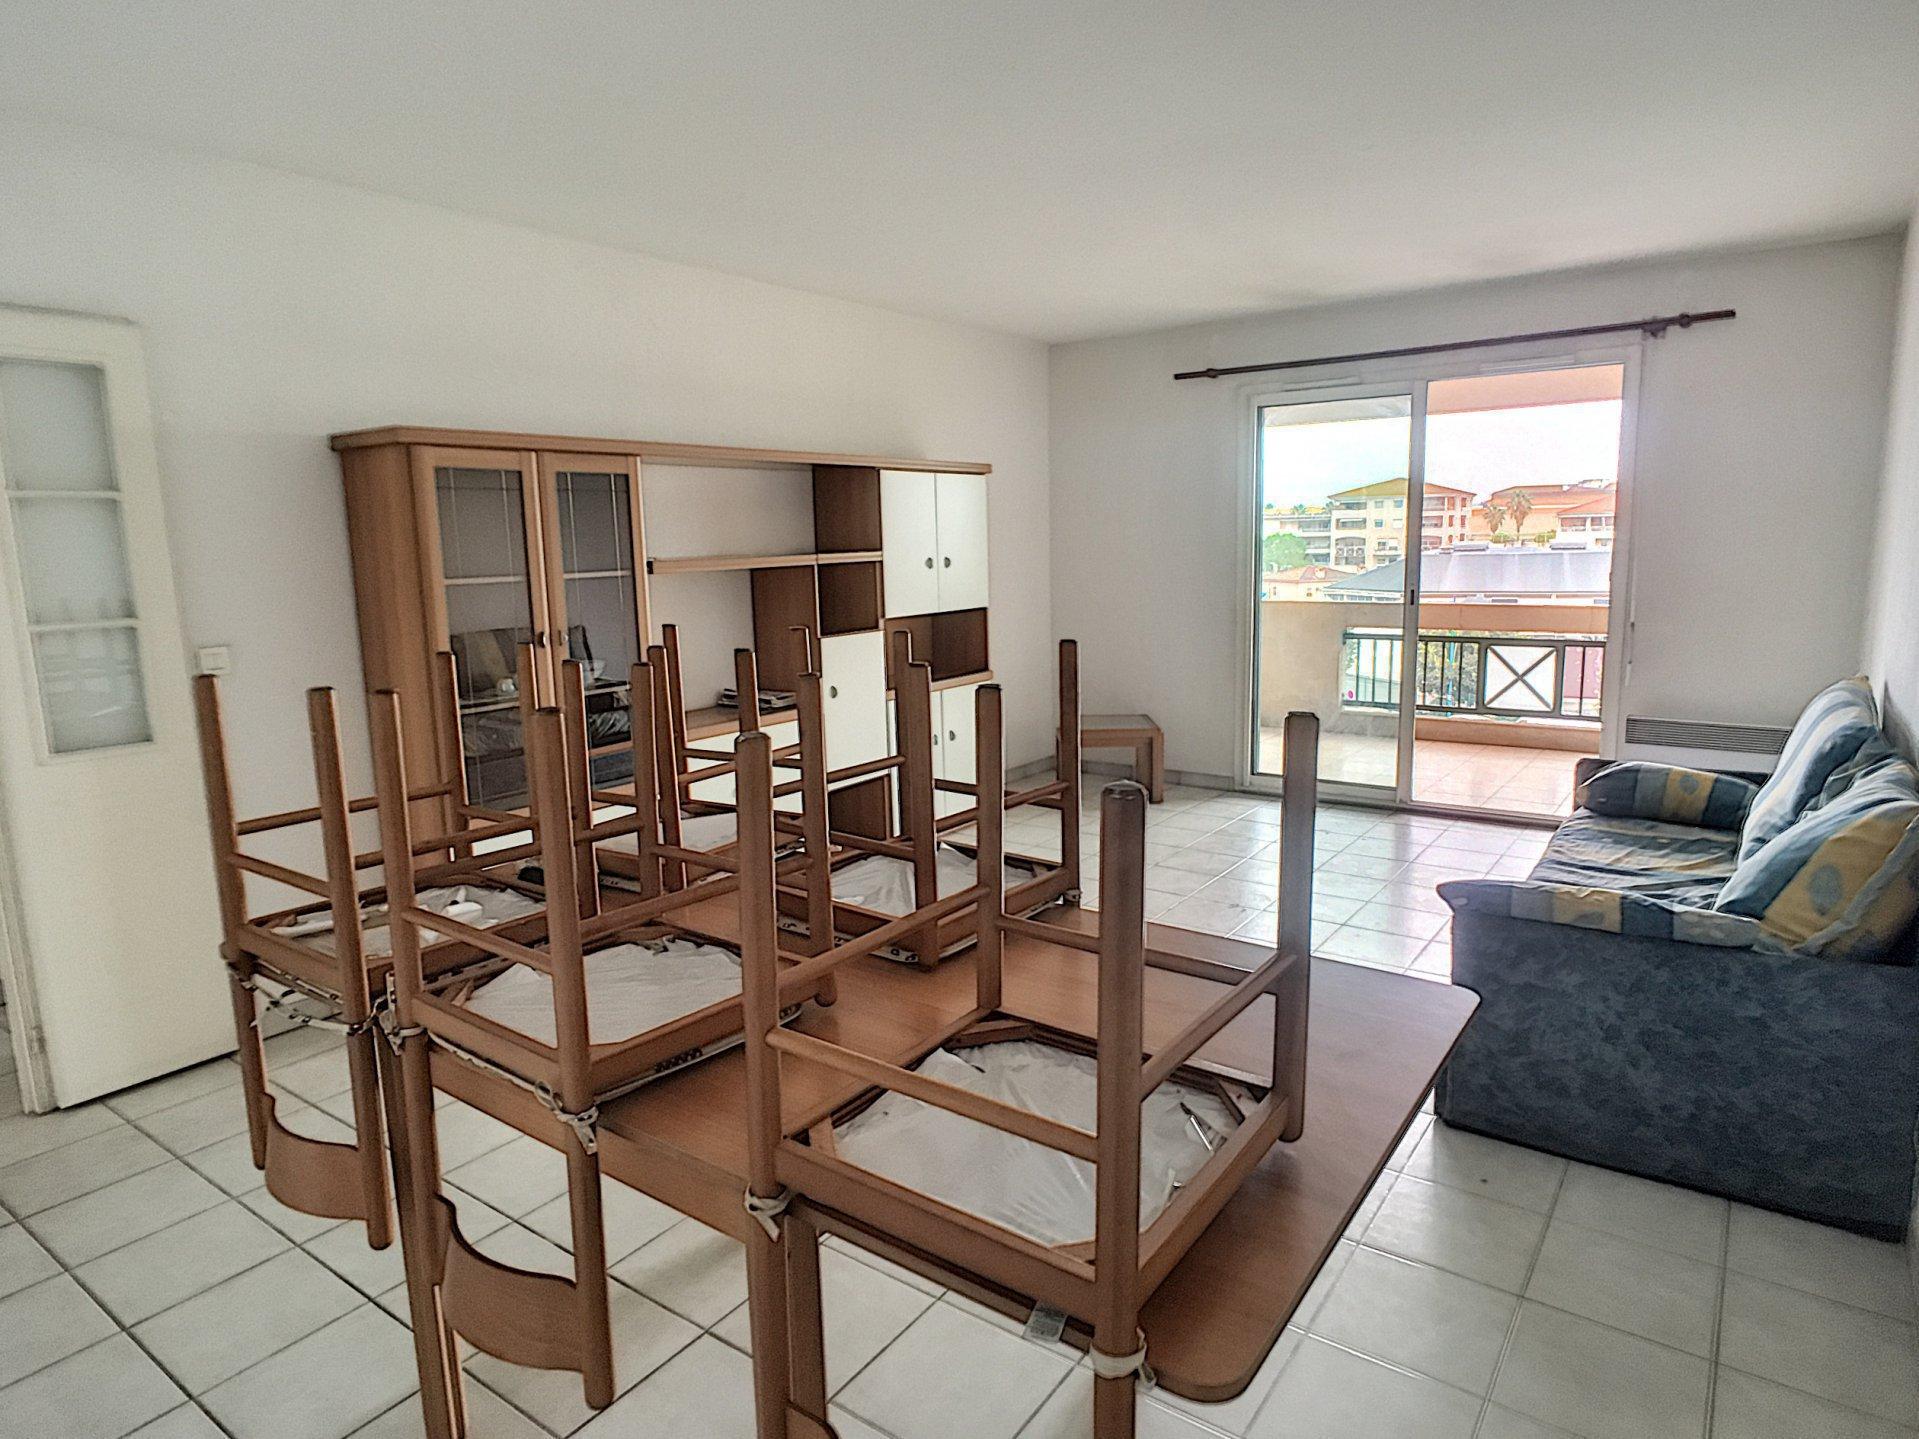 2P 53m² dernier étage terrasse 12m² - Résidence avec piscine